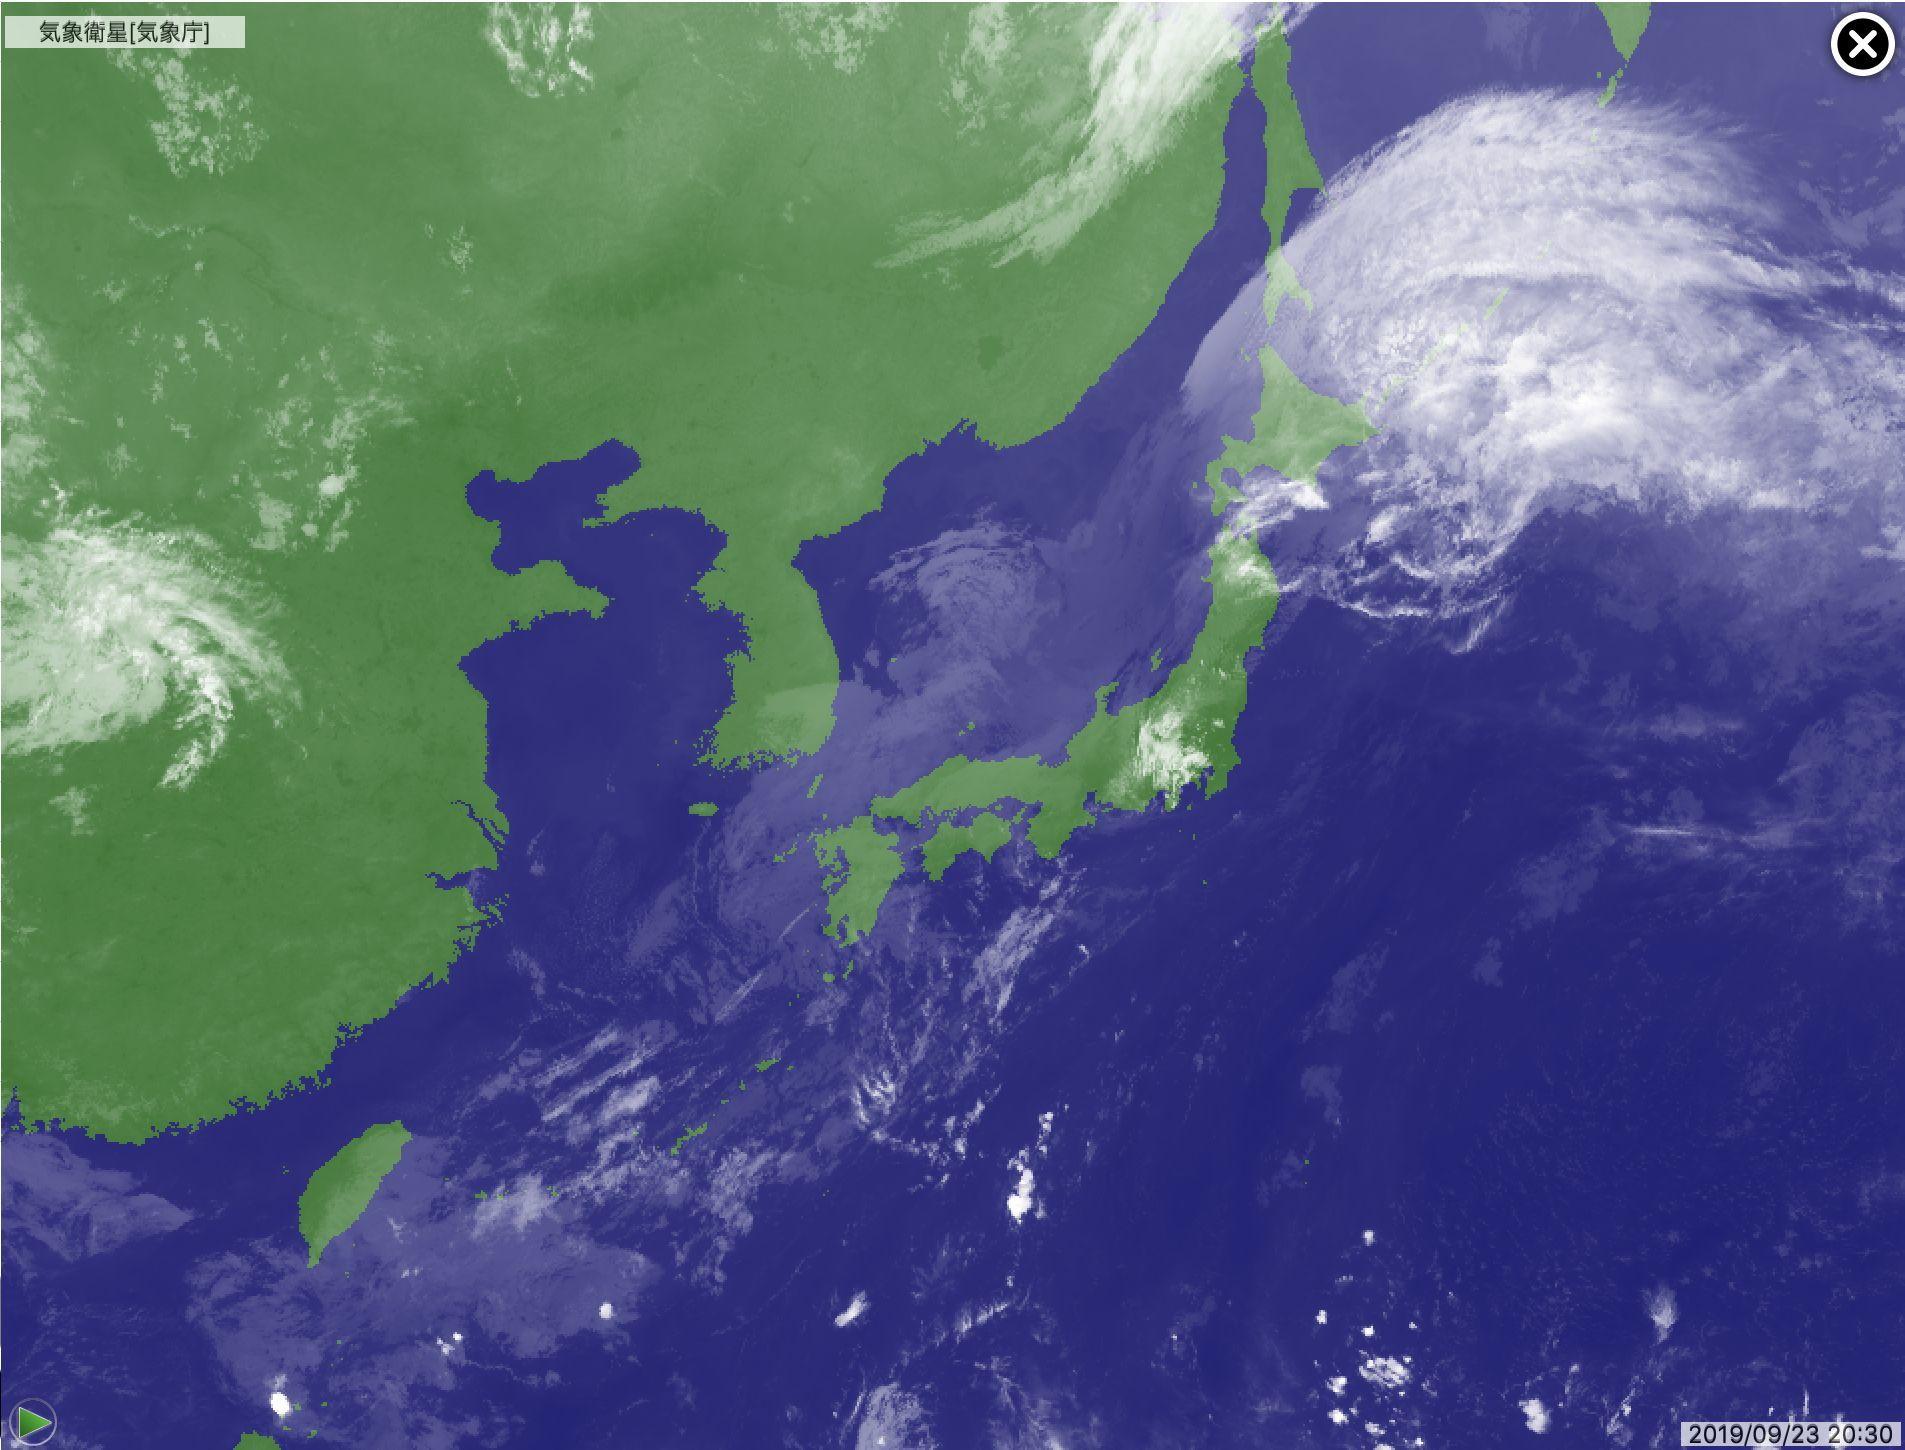 秋分の日に台風が秋を運んできた_c0025115_22271164.jpg